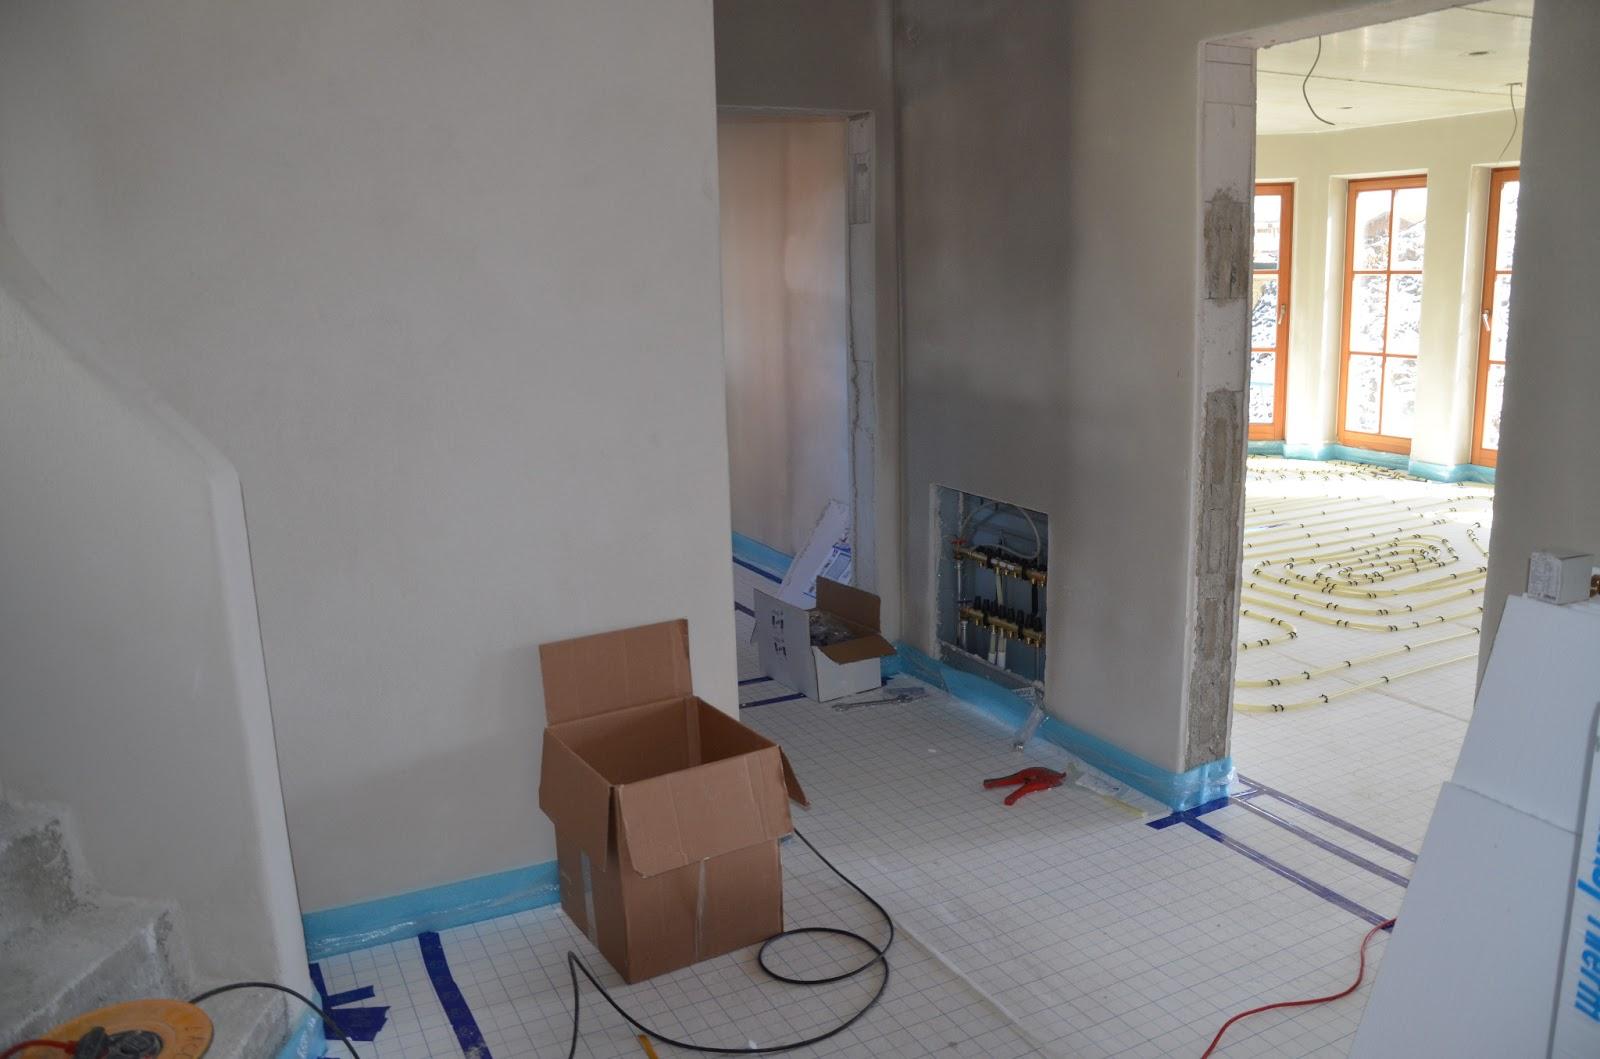 Werner 39 s hausbau blog verputzen bodenheizung terassendach for Wohnzimmer verputzen